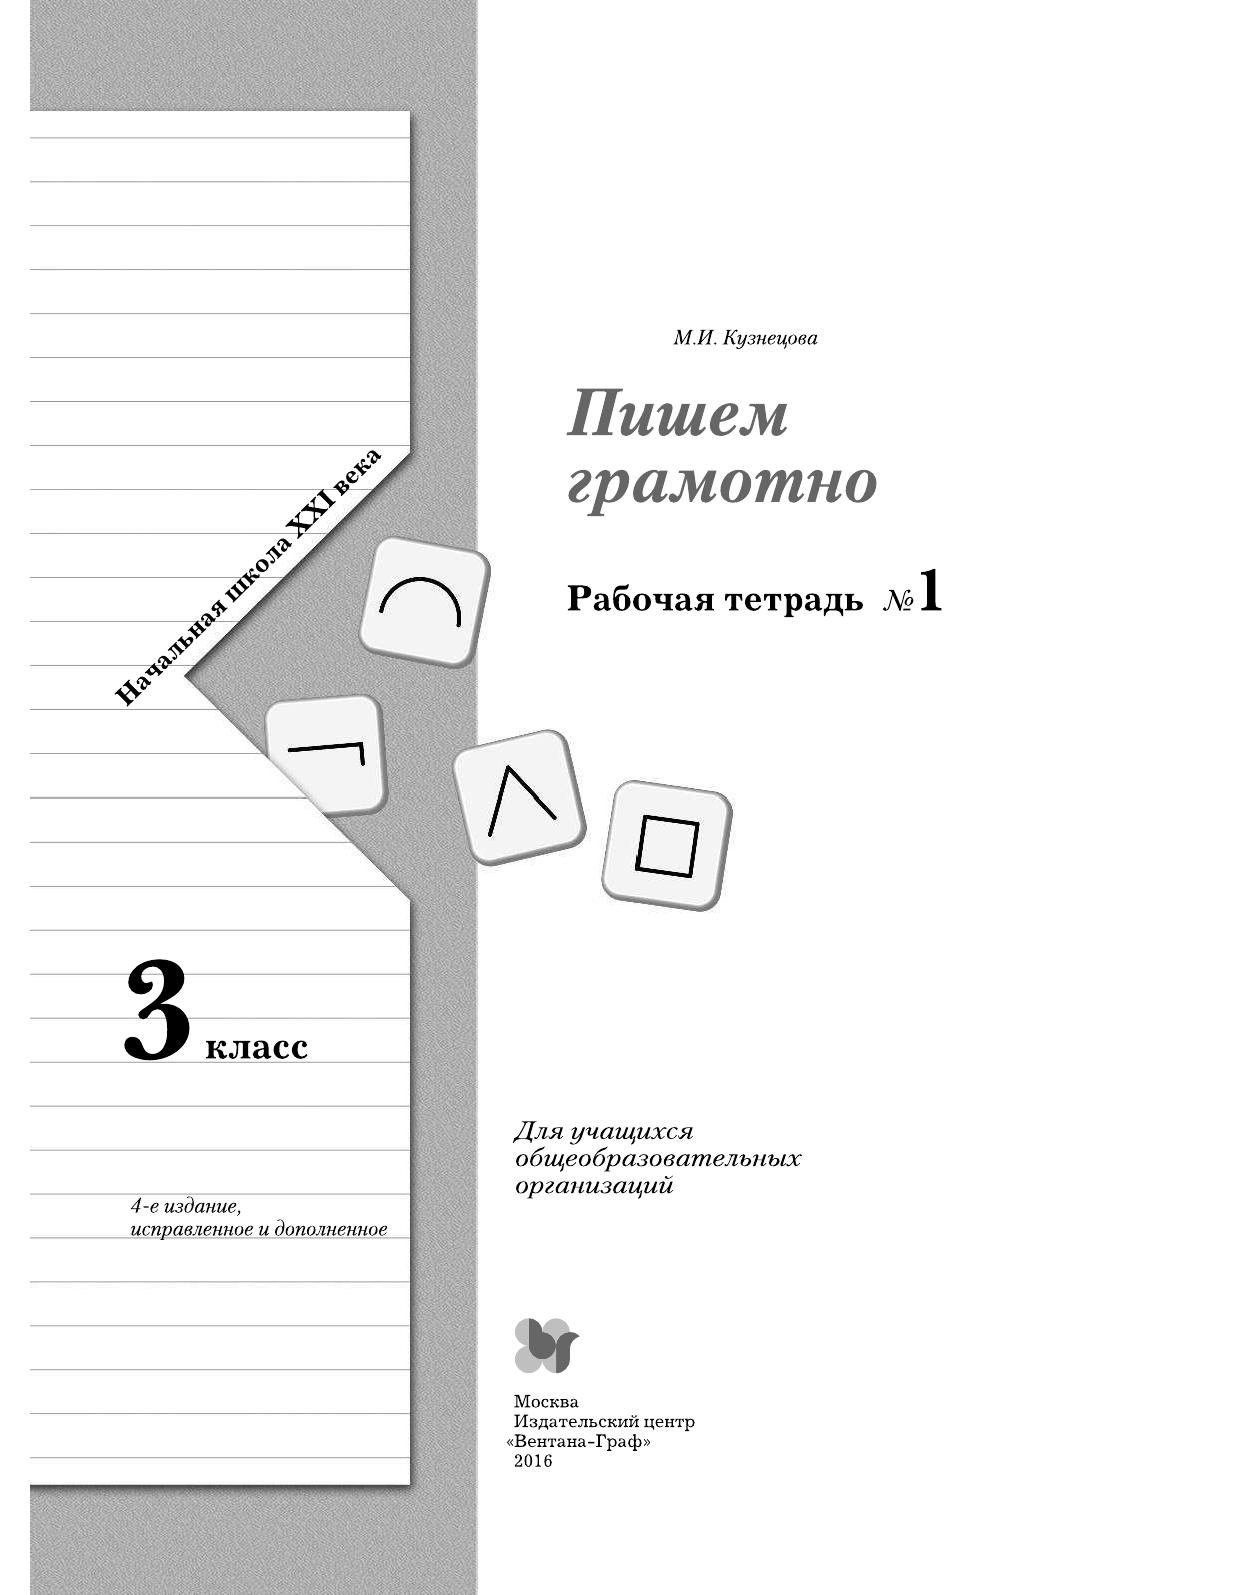 Фгос тетради решебник грамотно 4 класс к пишем